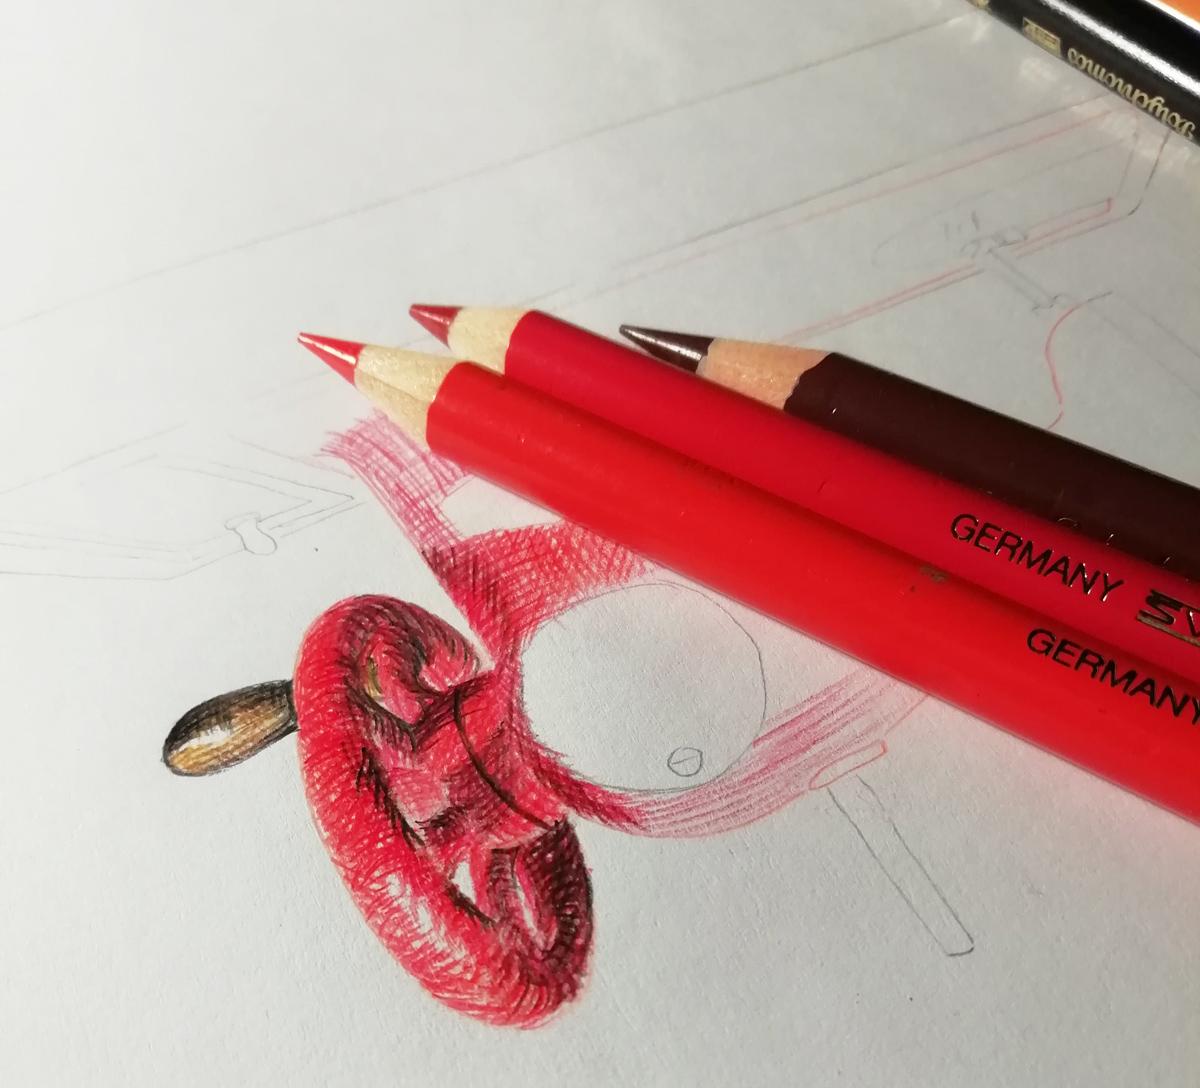 Anna beginnt die Illustration mit roten Polychromo Buntstiften und Schraffuren.